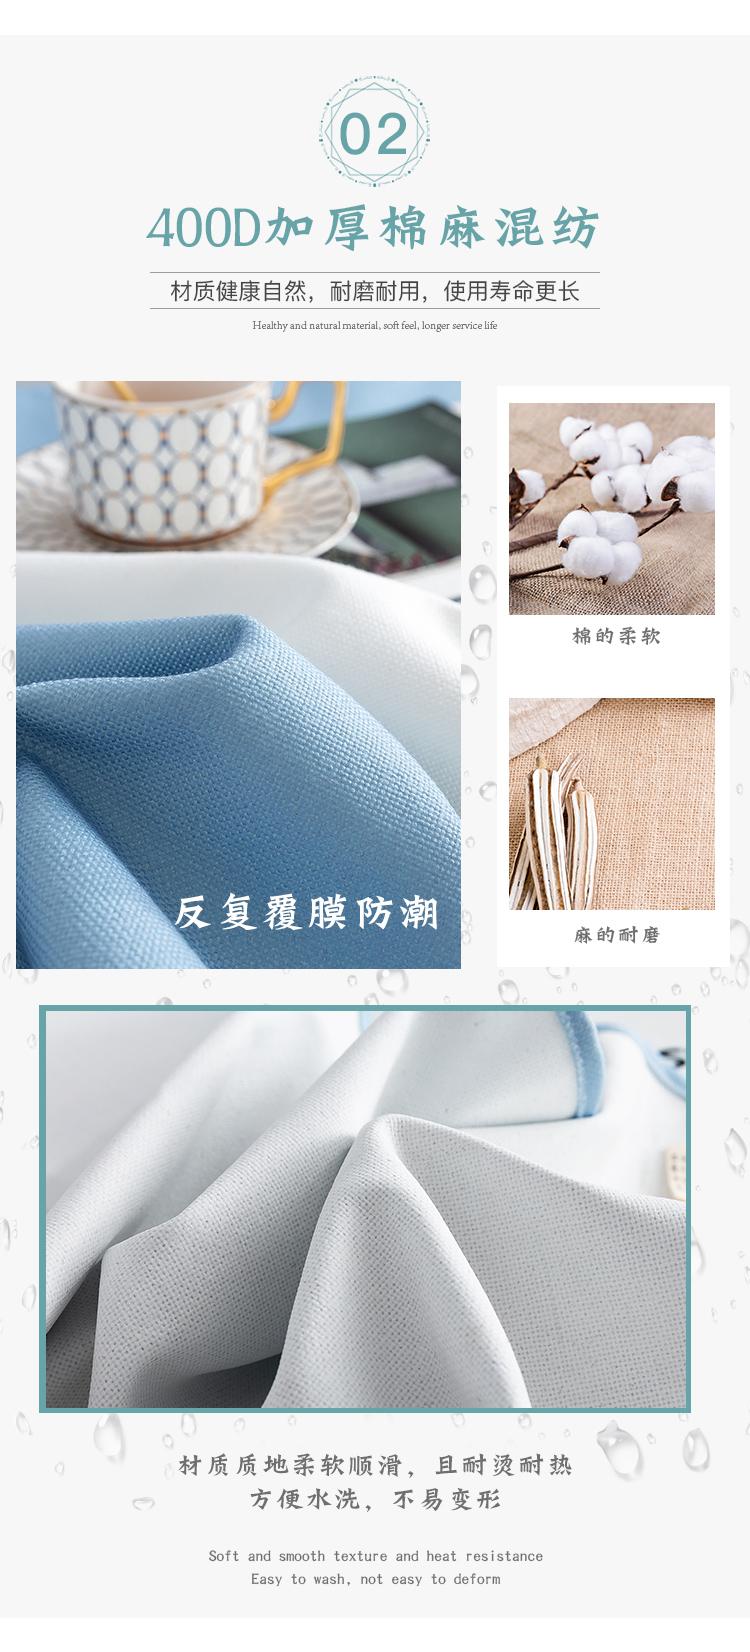 棉麻防水桌布-北欧风情_05.jpg